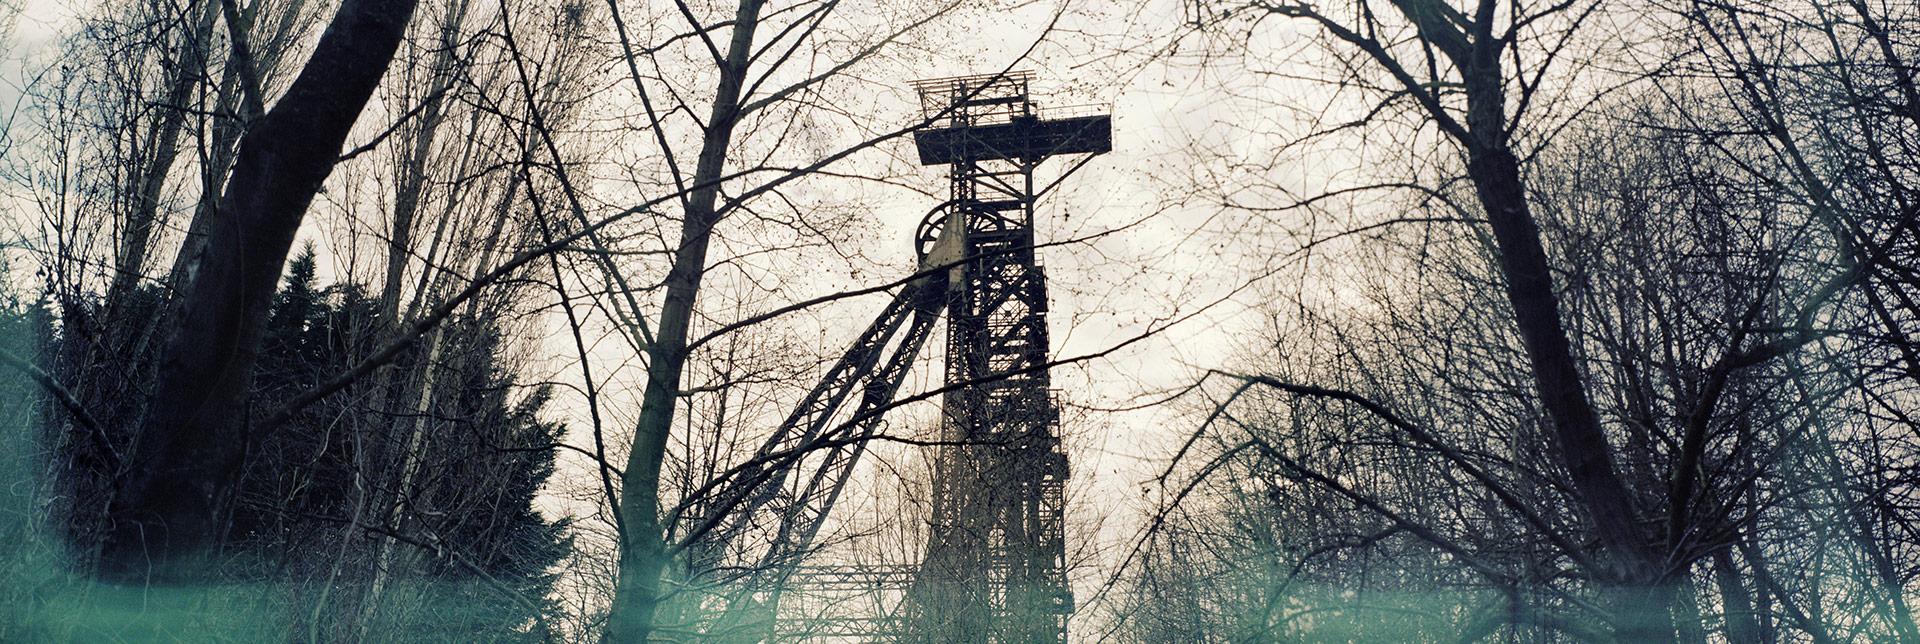 Una miniera abbandonata presso Couillette, in Vallonia; è una delle poche ancora in piedi dopo le chiusure iniziate negli anni Settanta, forse l'unica non ancora trasformata in museo